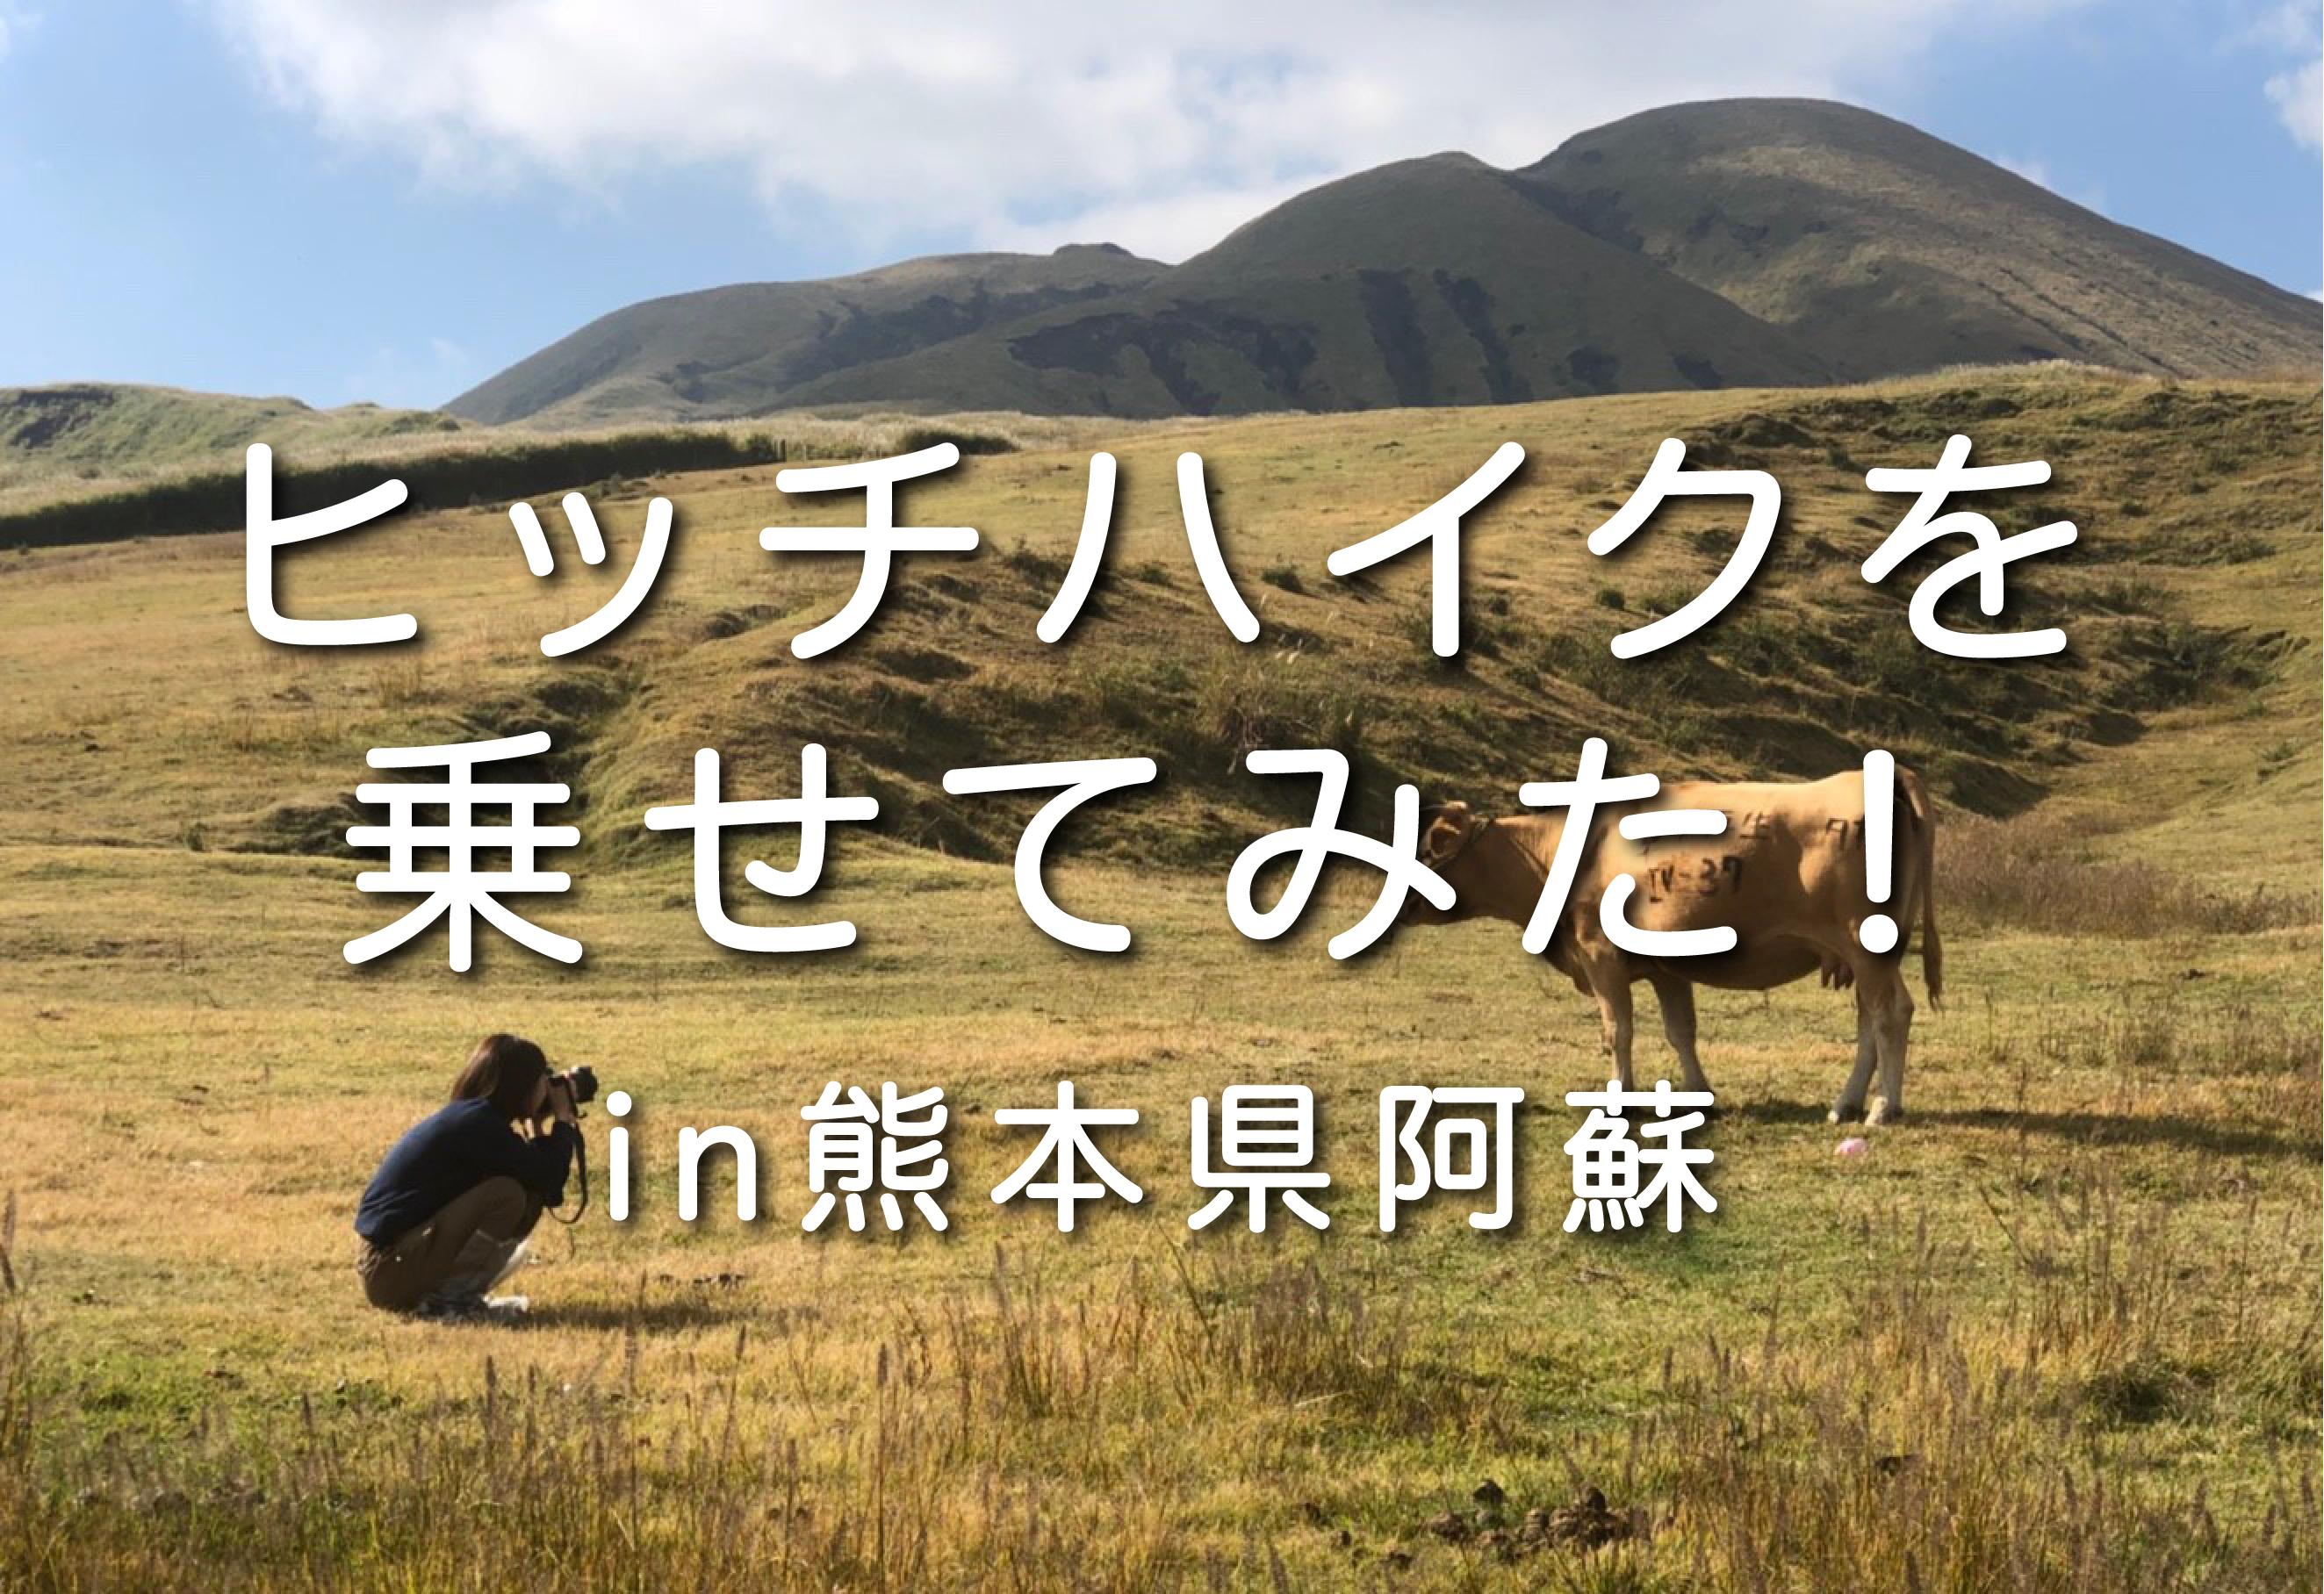 ヒッチハイクを乗せてみた!|日本一周農家旅 阿蘇山のふもと in 熊本県阿蘇